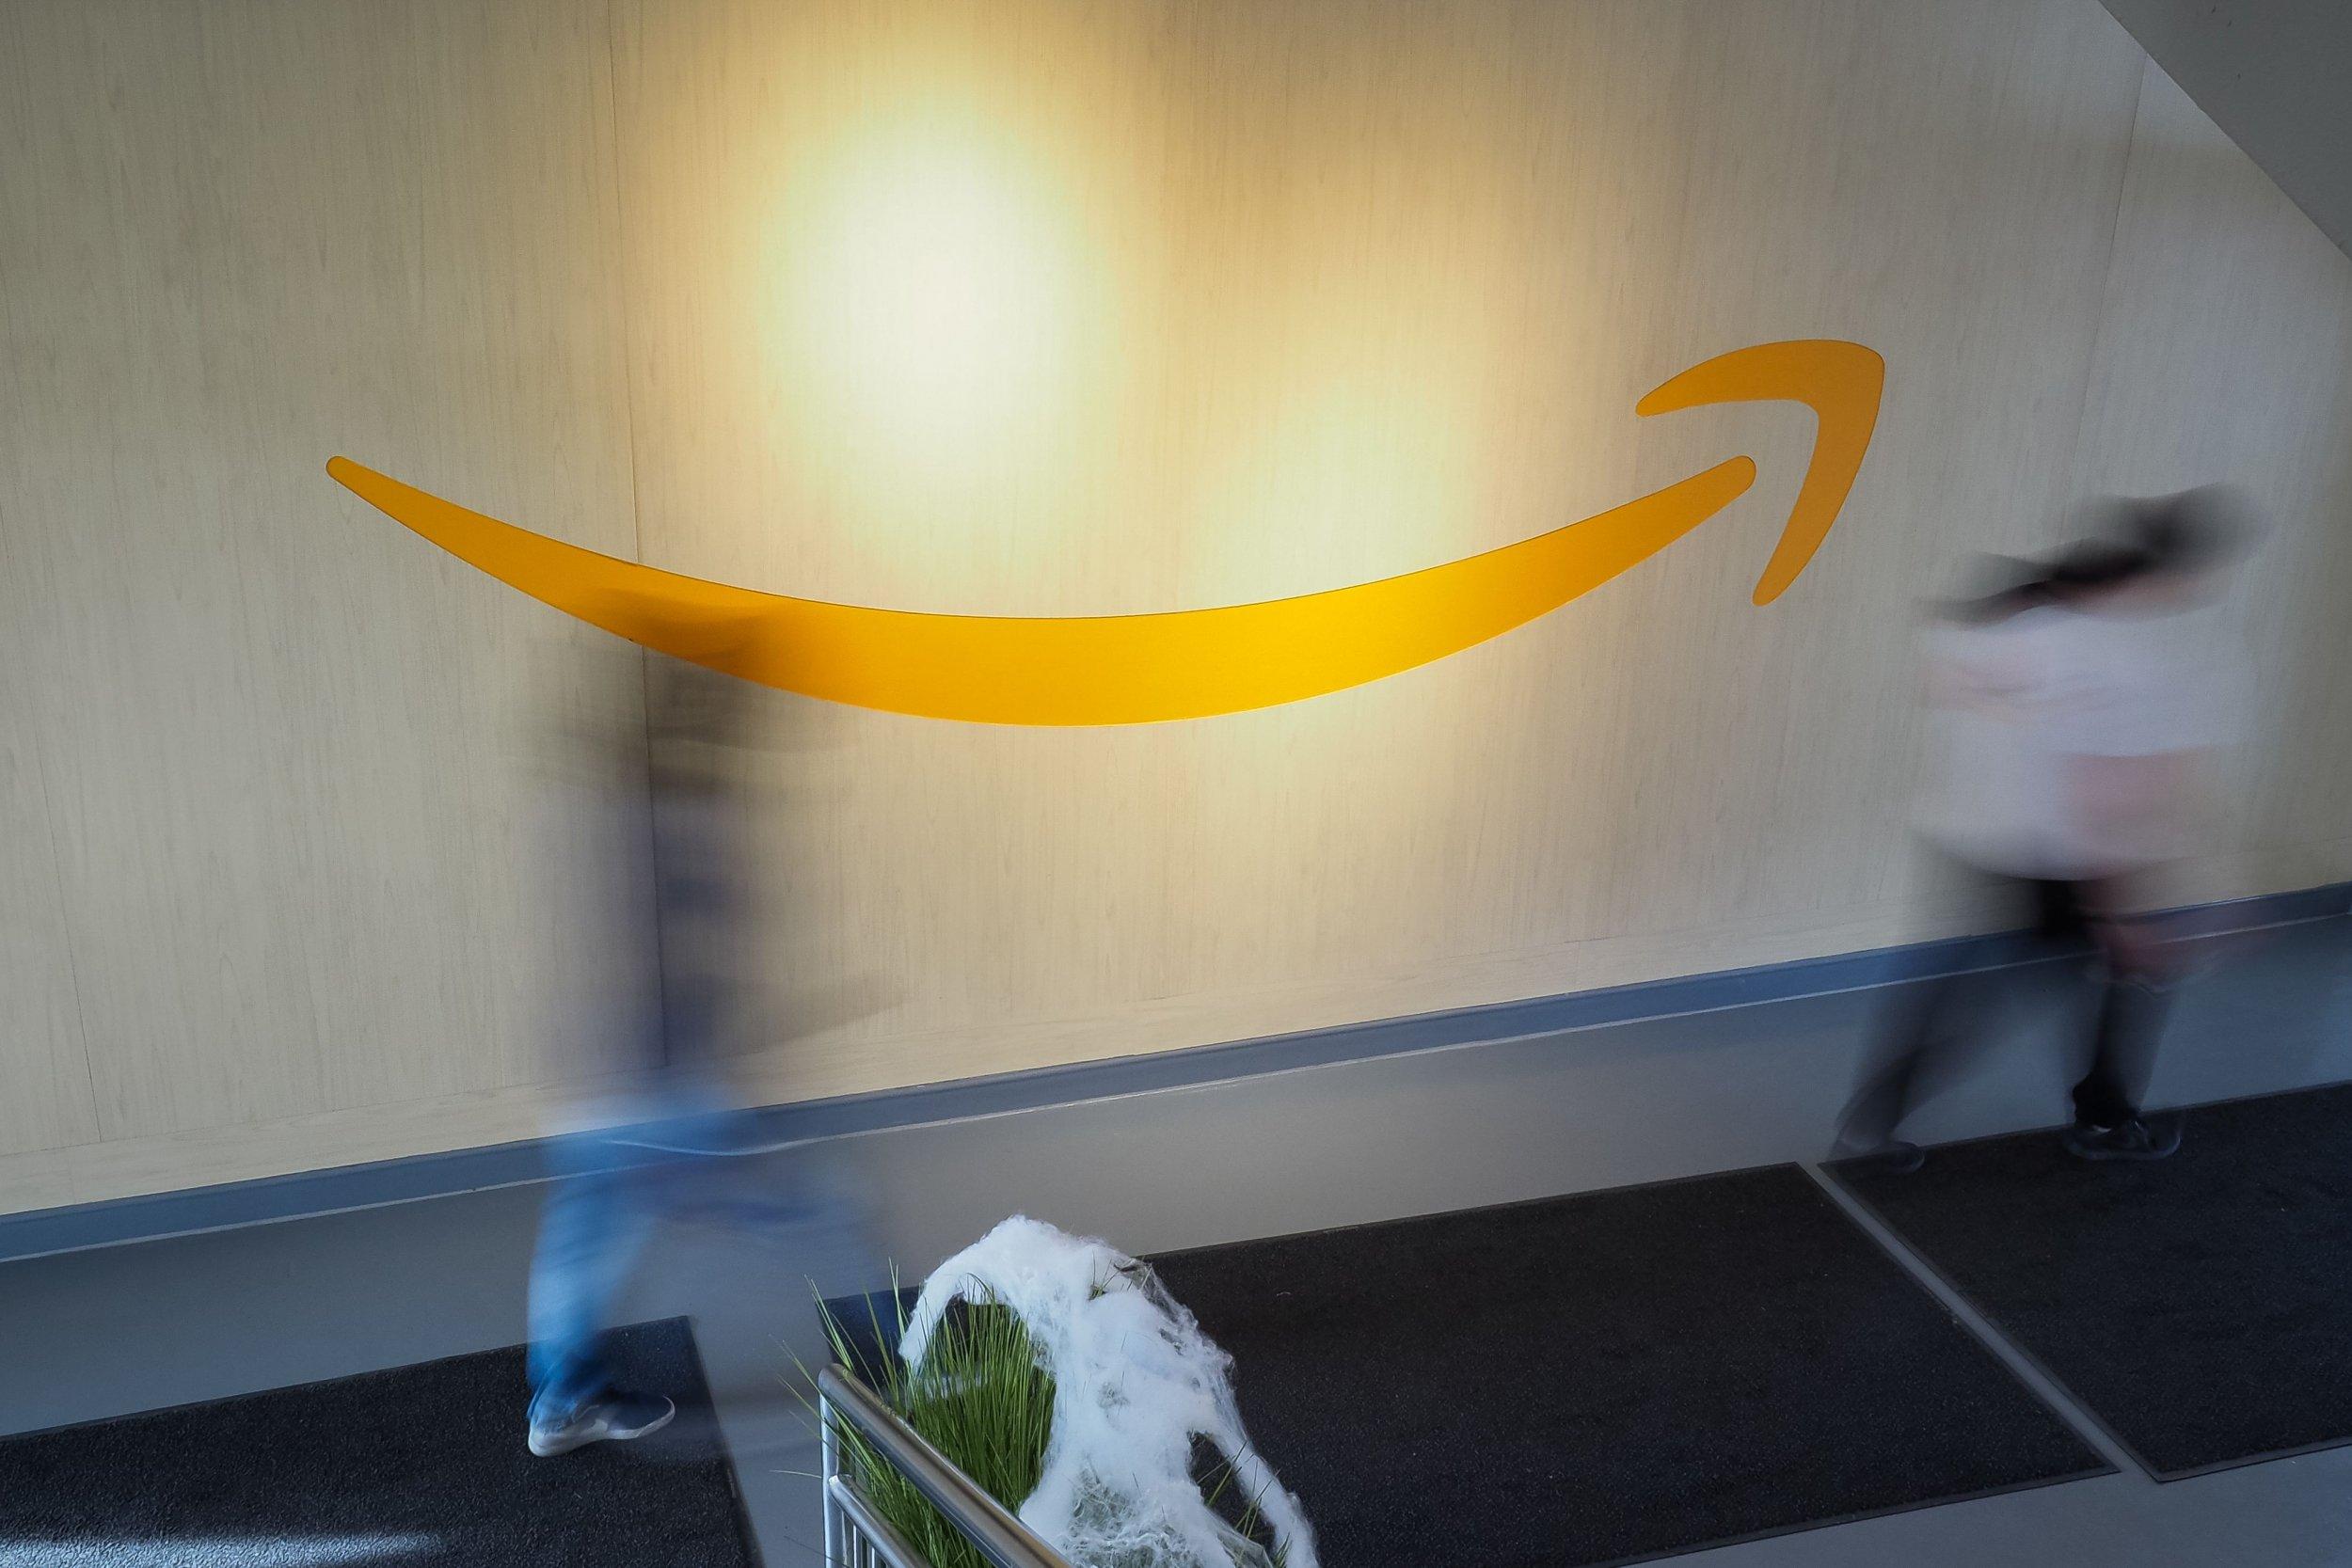 amazon logo on wall